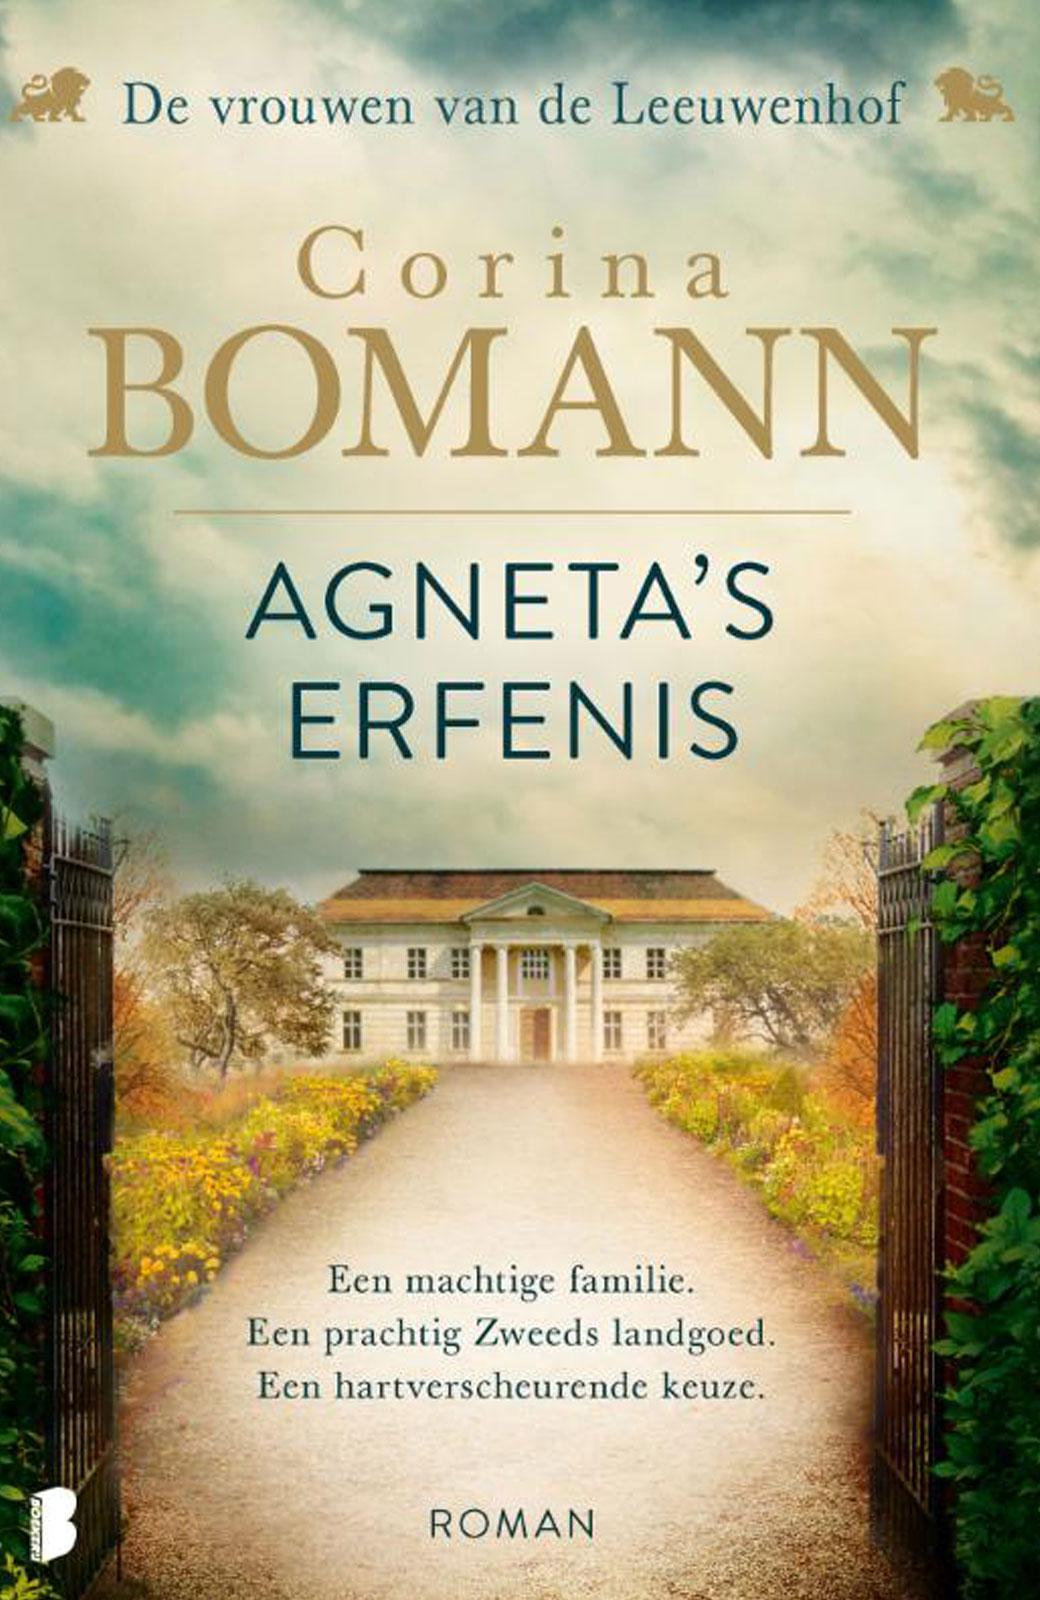 Agnetas erfenis - boekenflits.nl